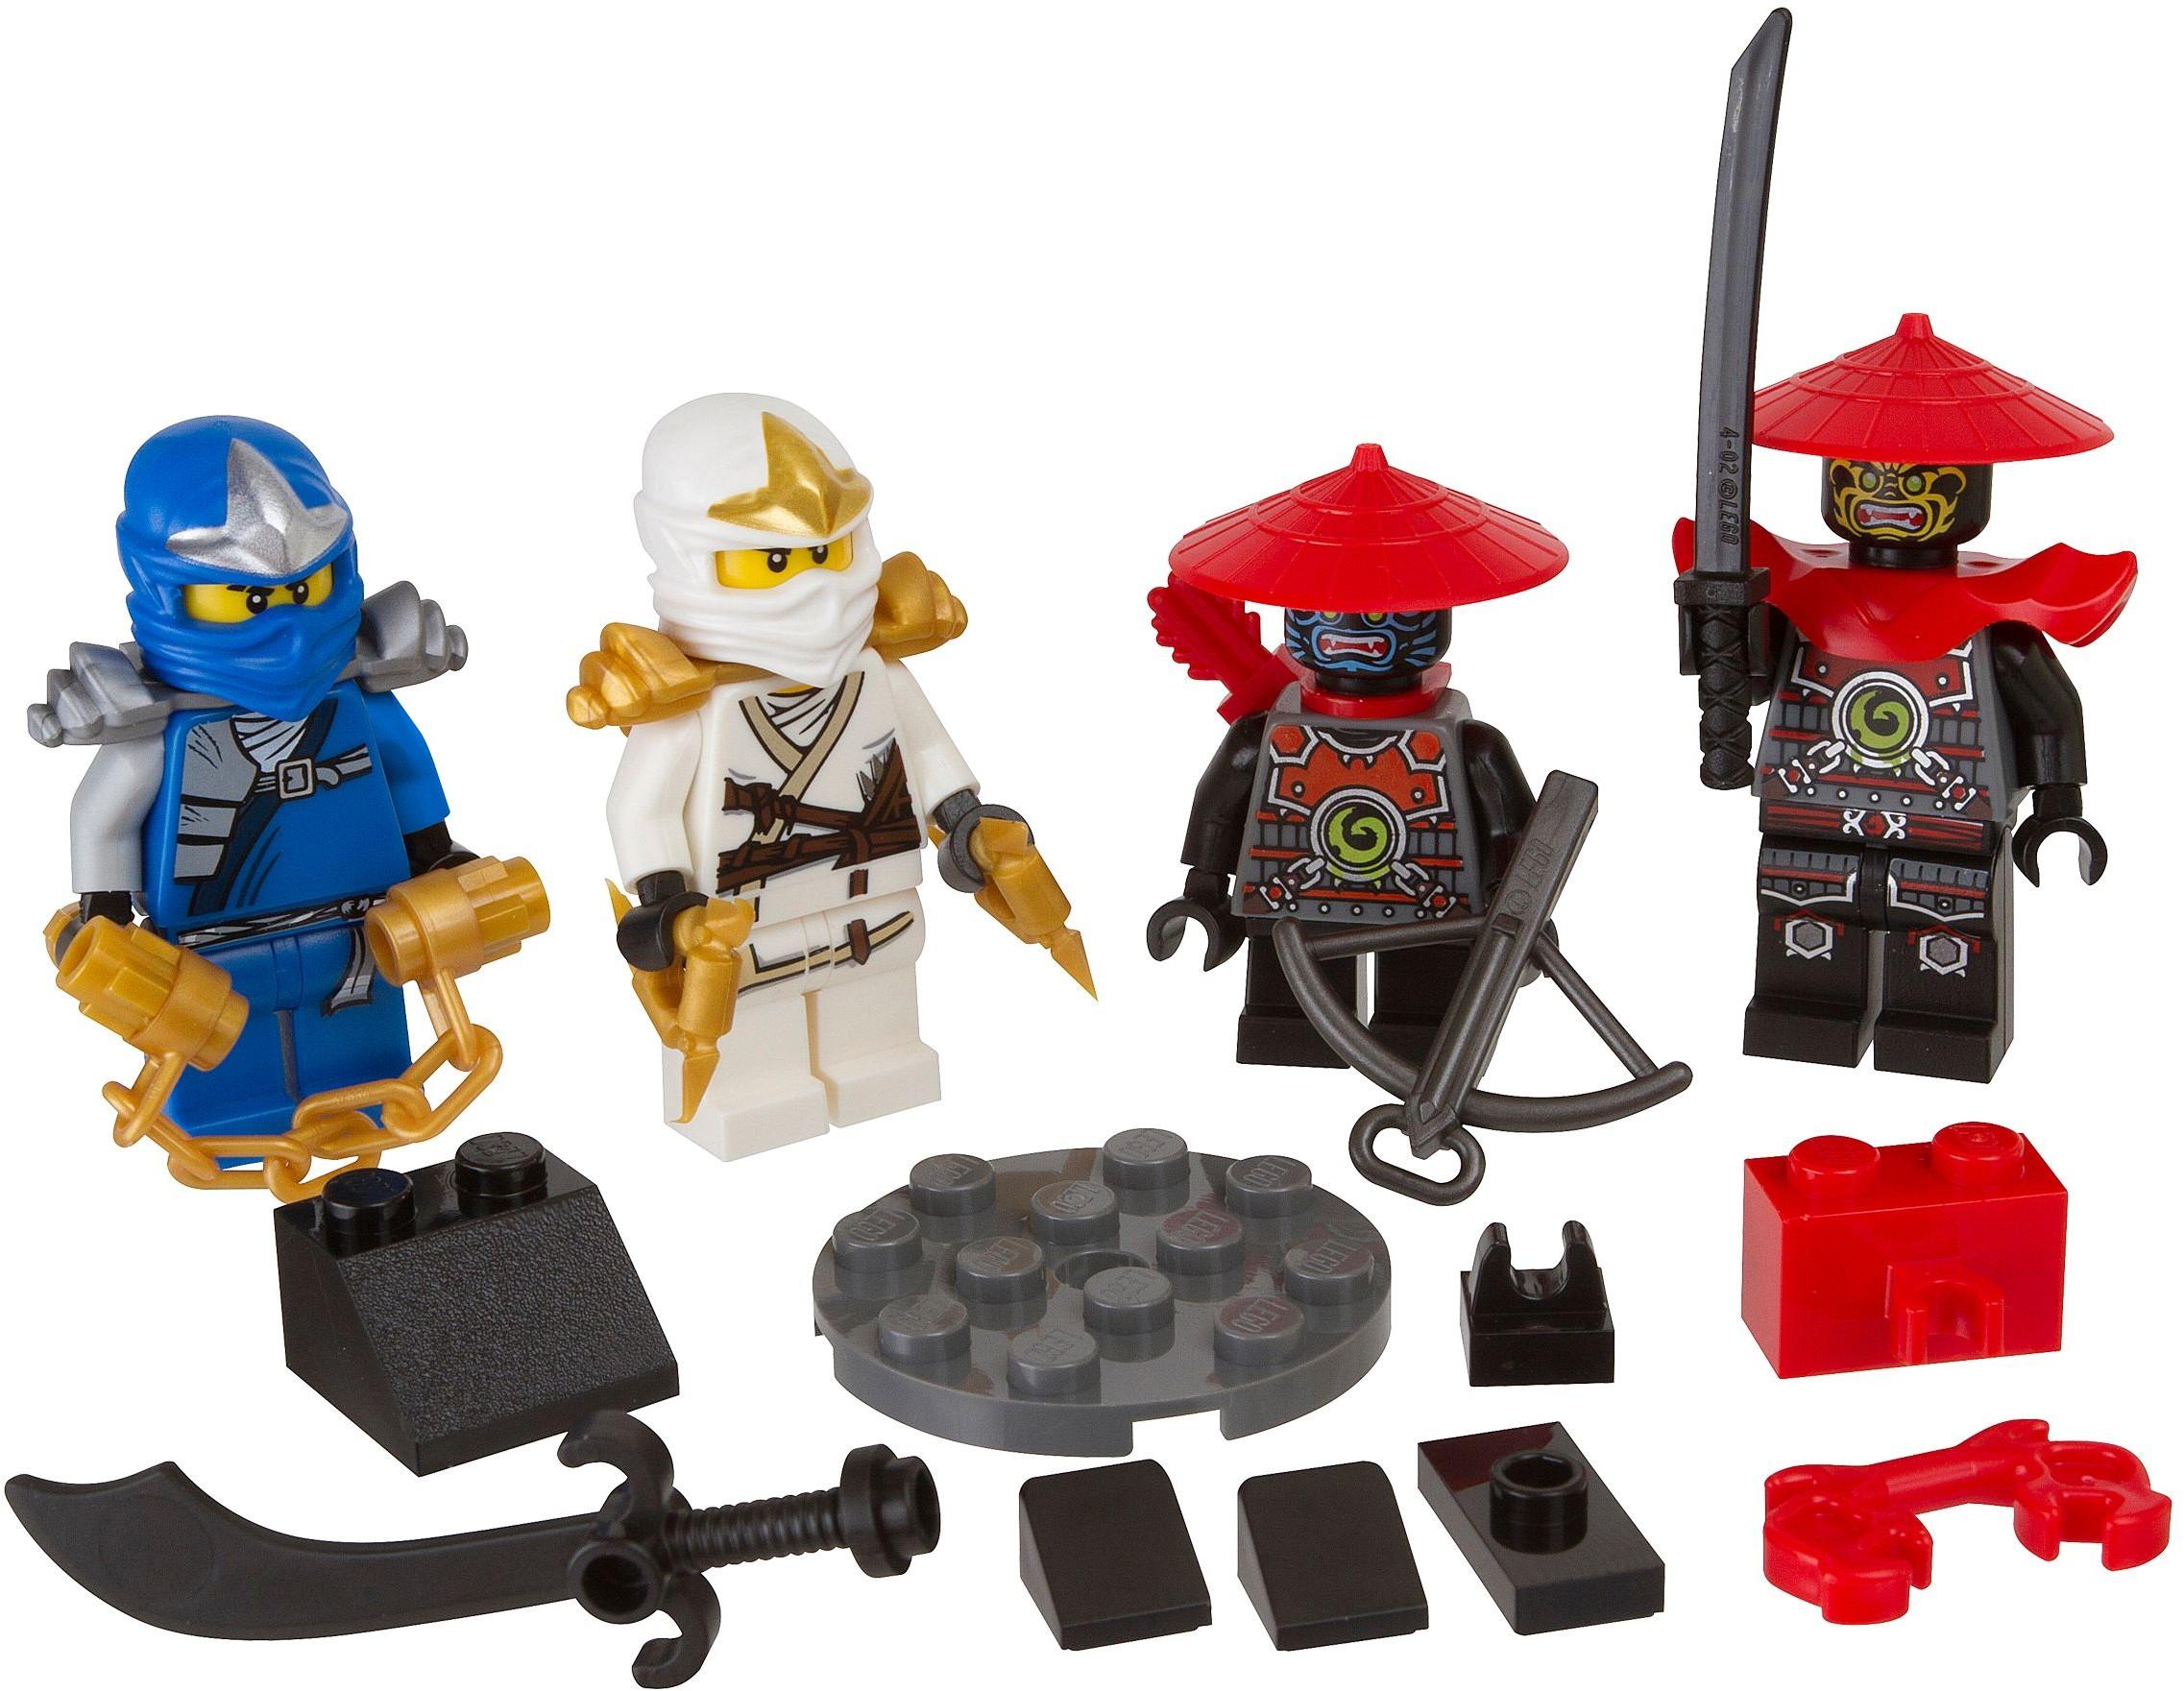 Ninjago   2013   Brickset: LEGO set guide and database